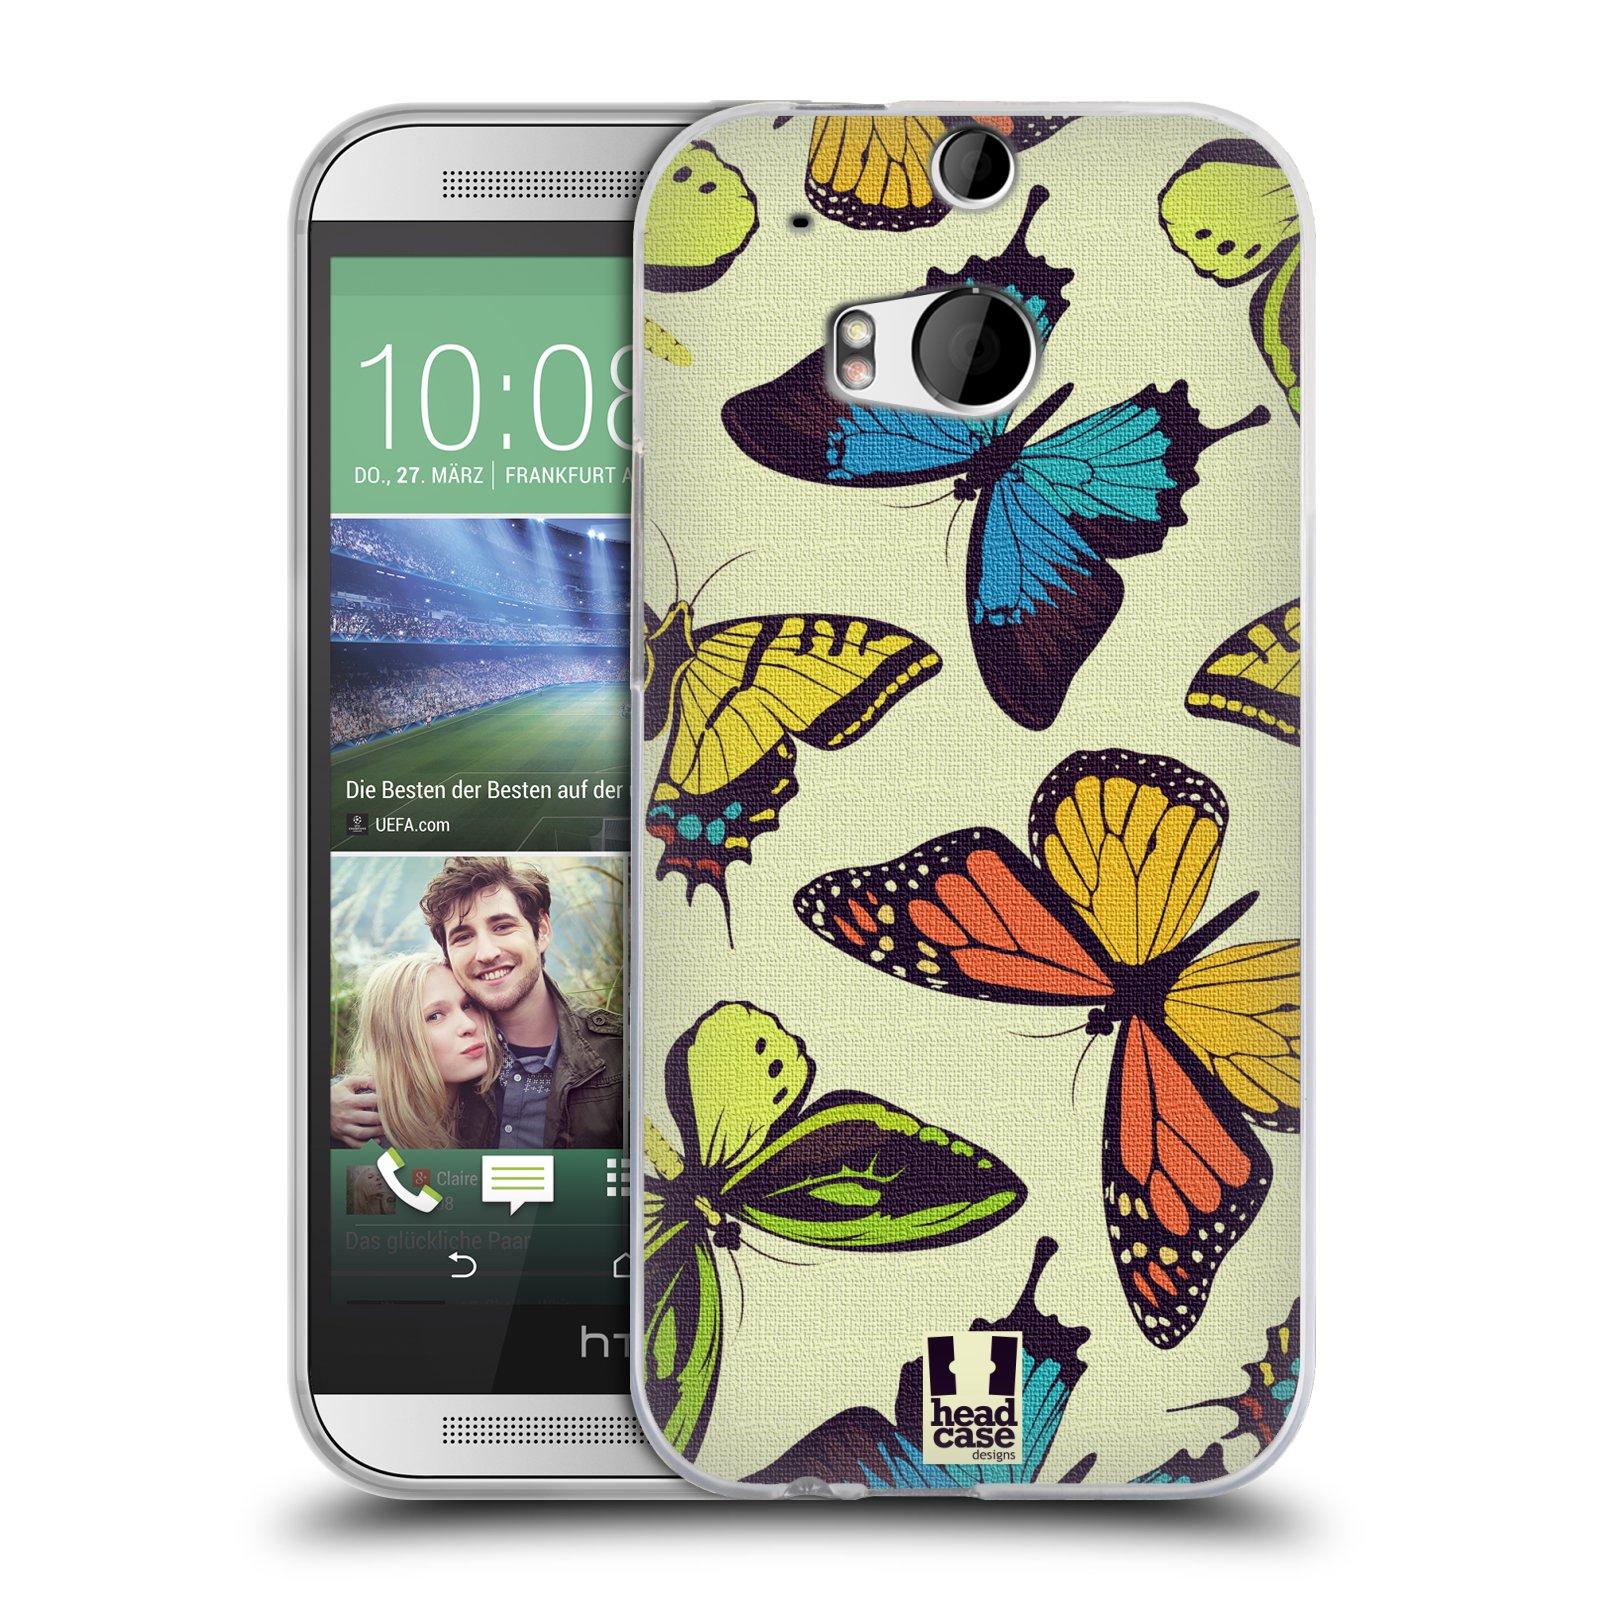 HEAD CASE silikonový obal na mobil HTC ONE (M8) vzor Motýlci divočina